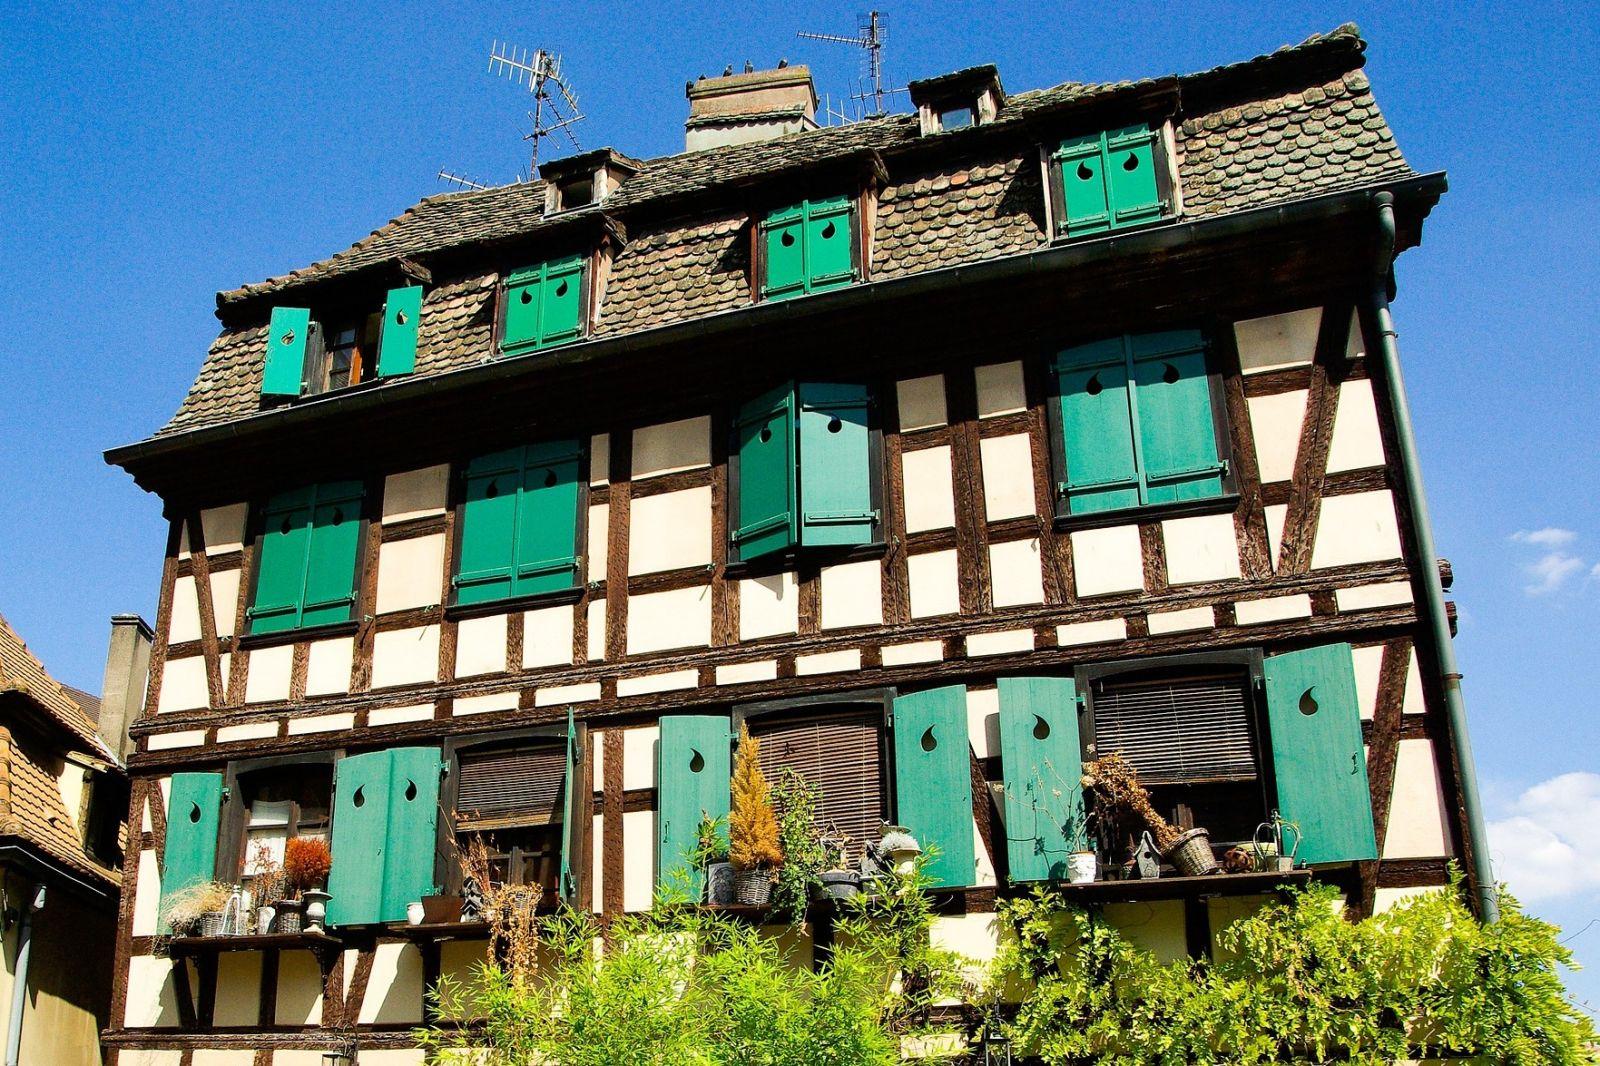 Сколько стоит дом во франции недвижимость на бали стоимость